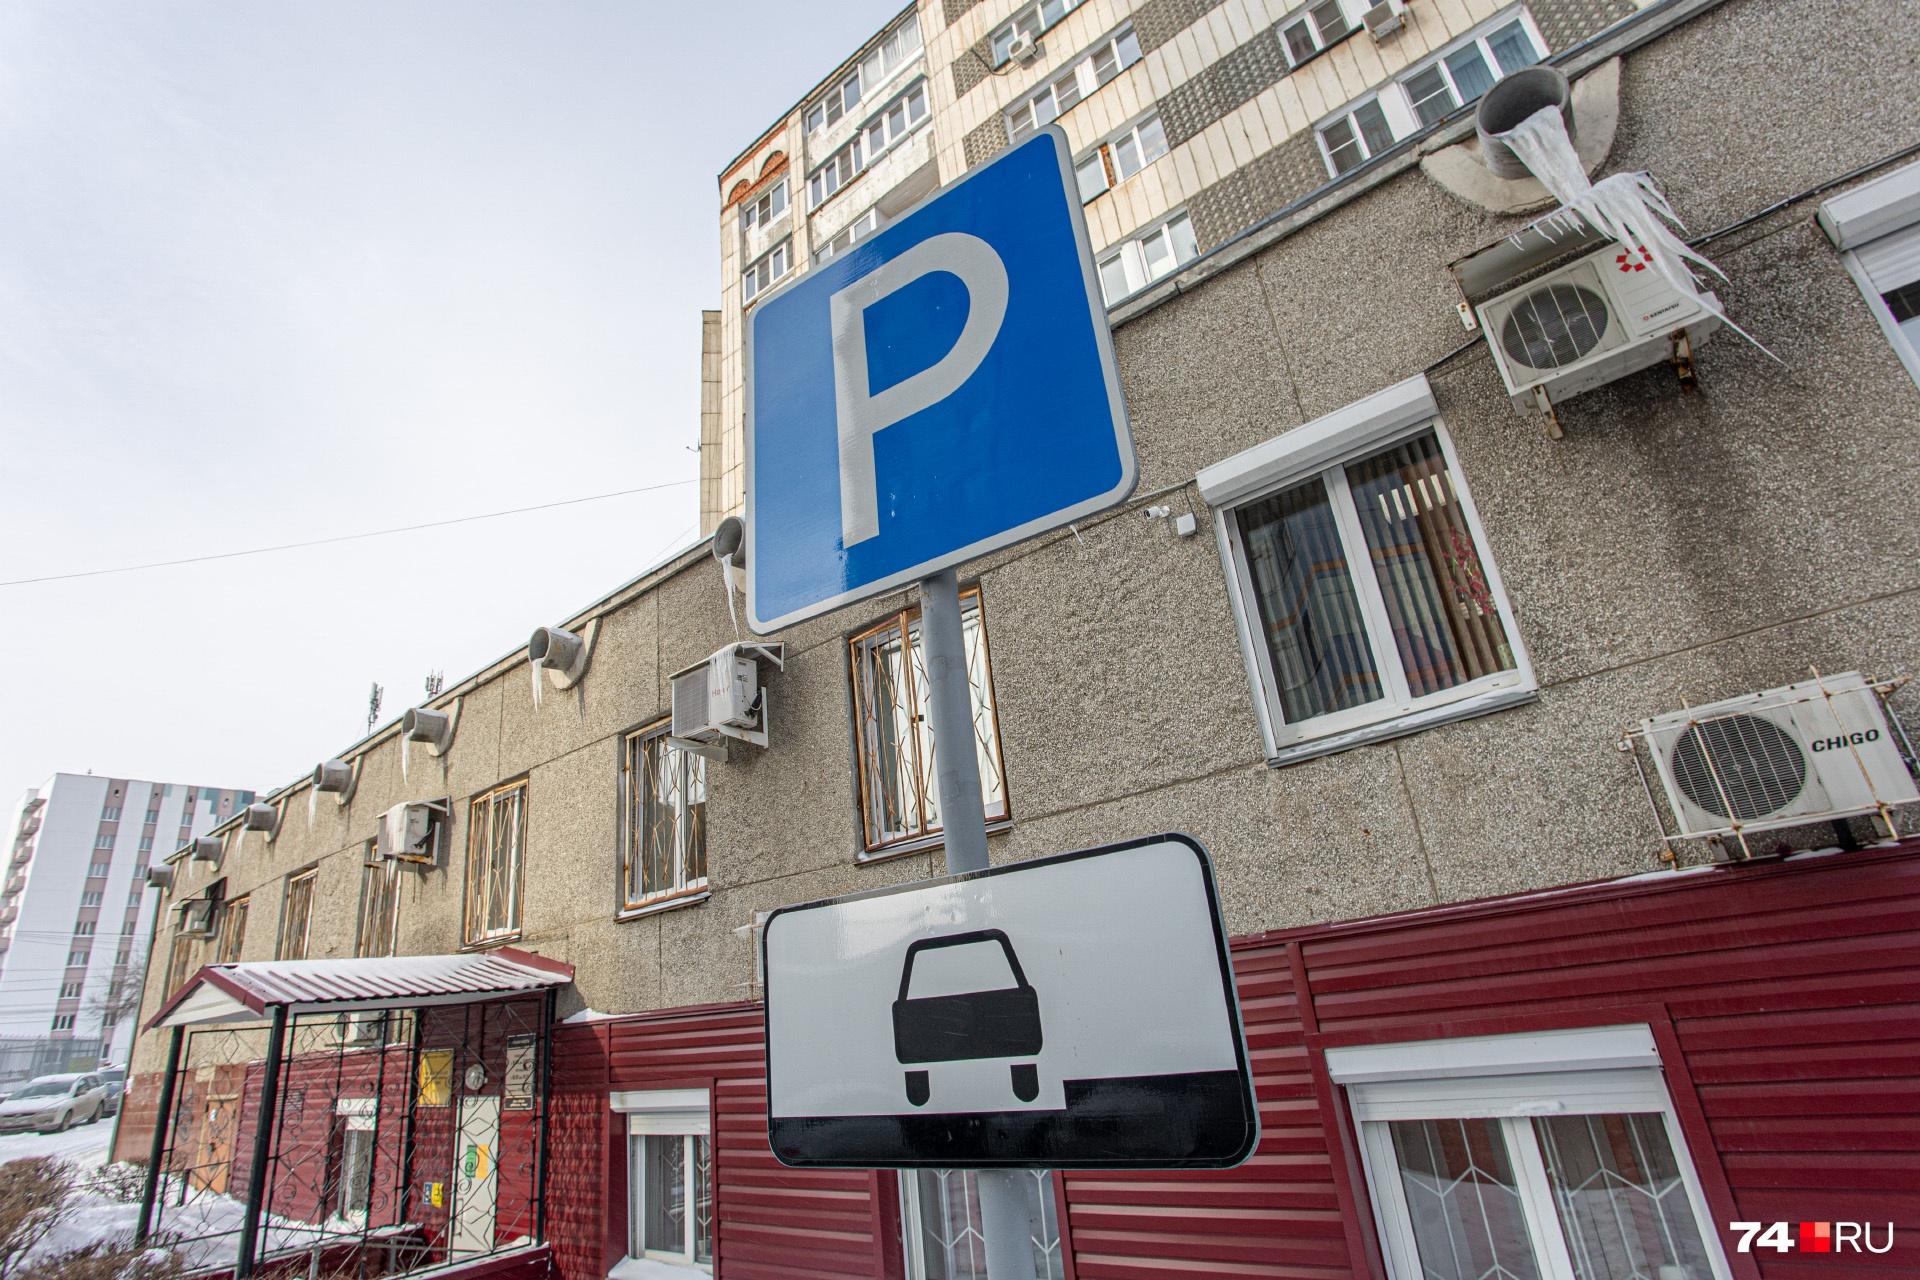 Сейчас знак обозначает обычную парковку, но это тоже не повод отказывать инвалиду, считают автоюристы